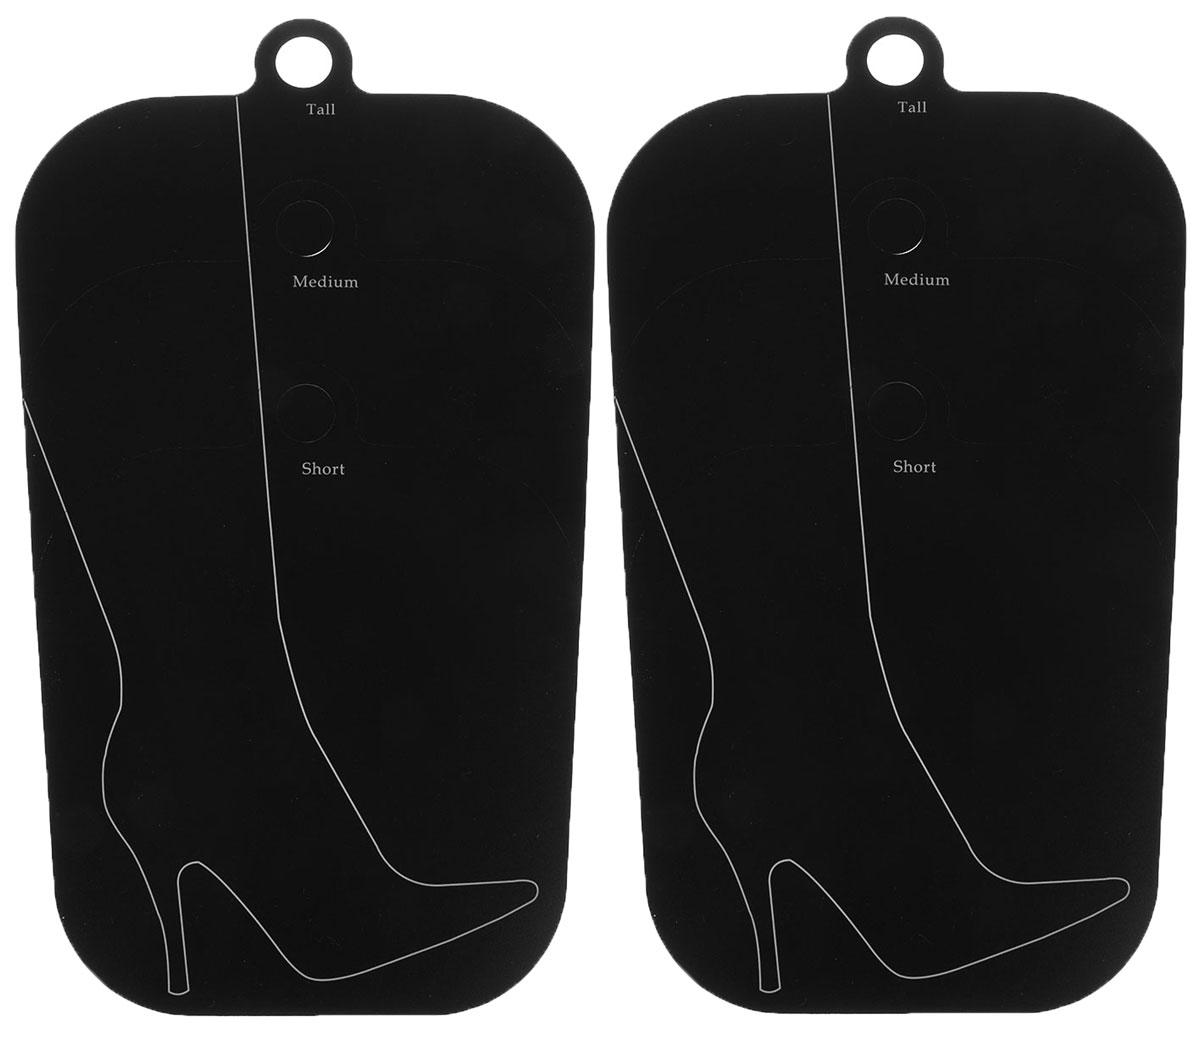 Поддерживающий вкладыш Handy Home, цвет: черный, 40,3 х 27 смESH07Поддерживающий вкладыш для обуви Handy Home используются для сохранения первоначальной формы голенища. Подходят для обуви с разной длинной голенища: короткий, средний, длинный. Актуальны при хранении сапог в вертикальном состоянии, это помогает избежать появления заломов. Наличие круглой подвесной ручки позволяет при необходимости хранить сапоги в подвешенном состоянии. В комплекте 2 формодержателя.Длина держателя: 44 см